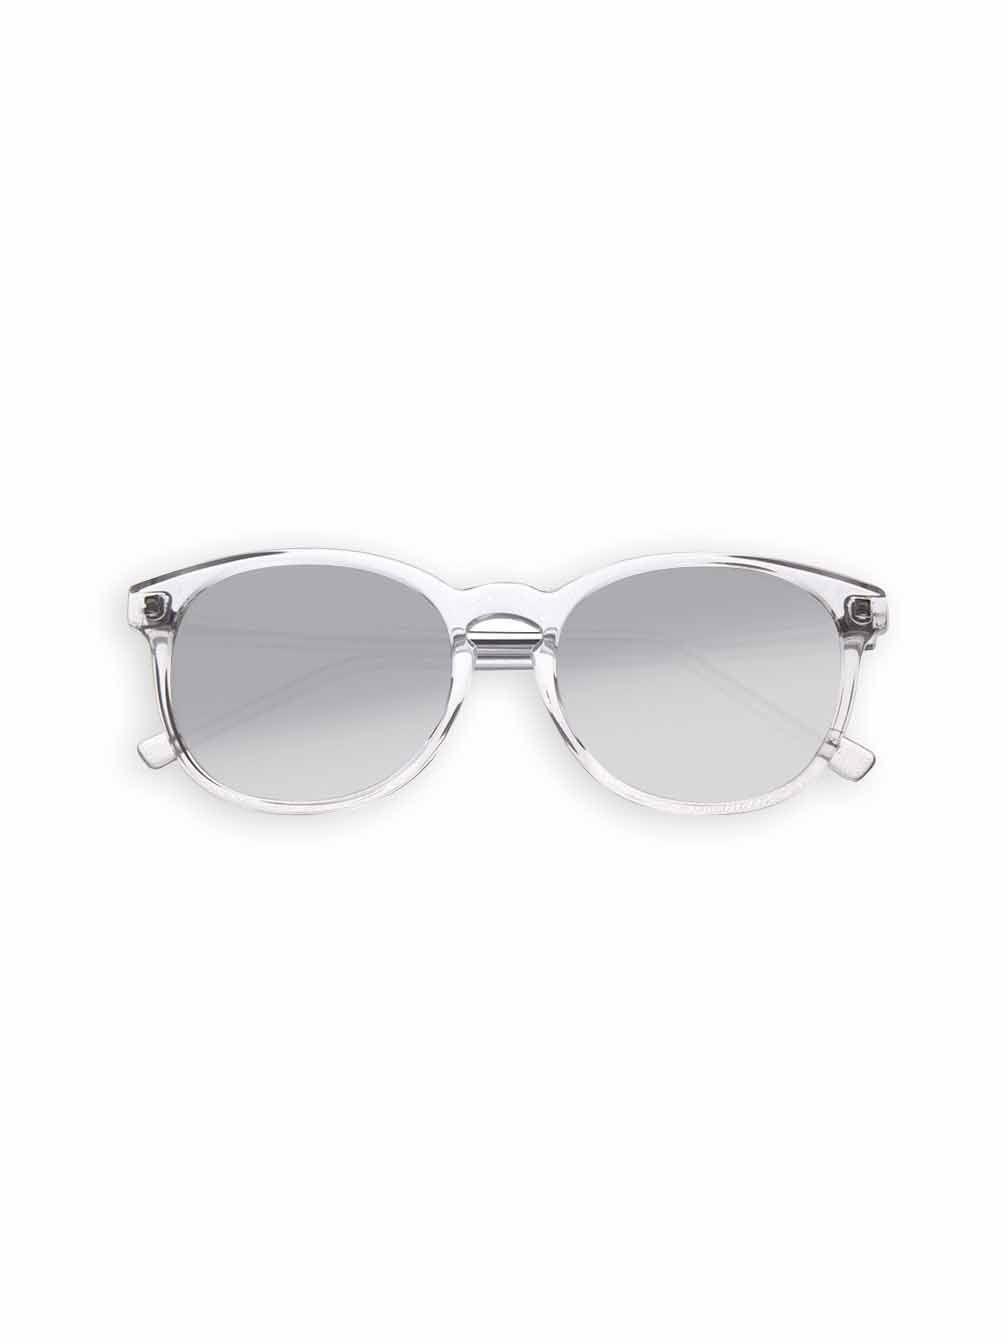 Oculos Zera Transparente Lente Prata Espelhada   Óculos Helena Bordon Zera  Transparente Lente Prata Espelhada Material 187be0c9a1